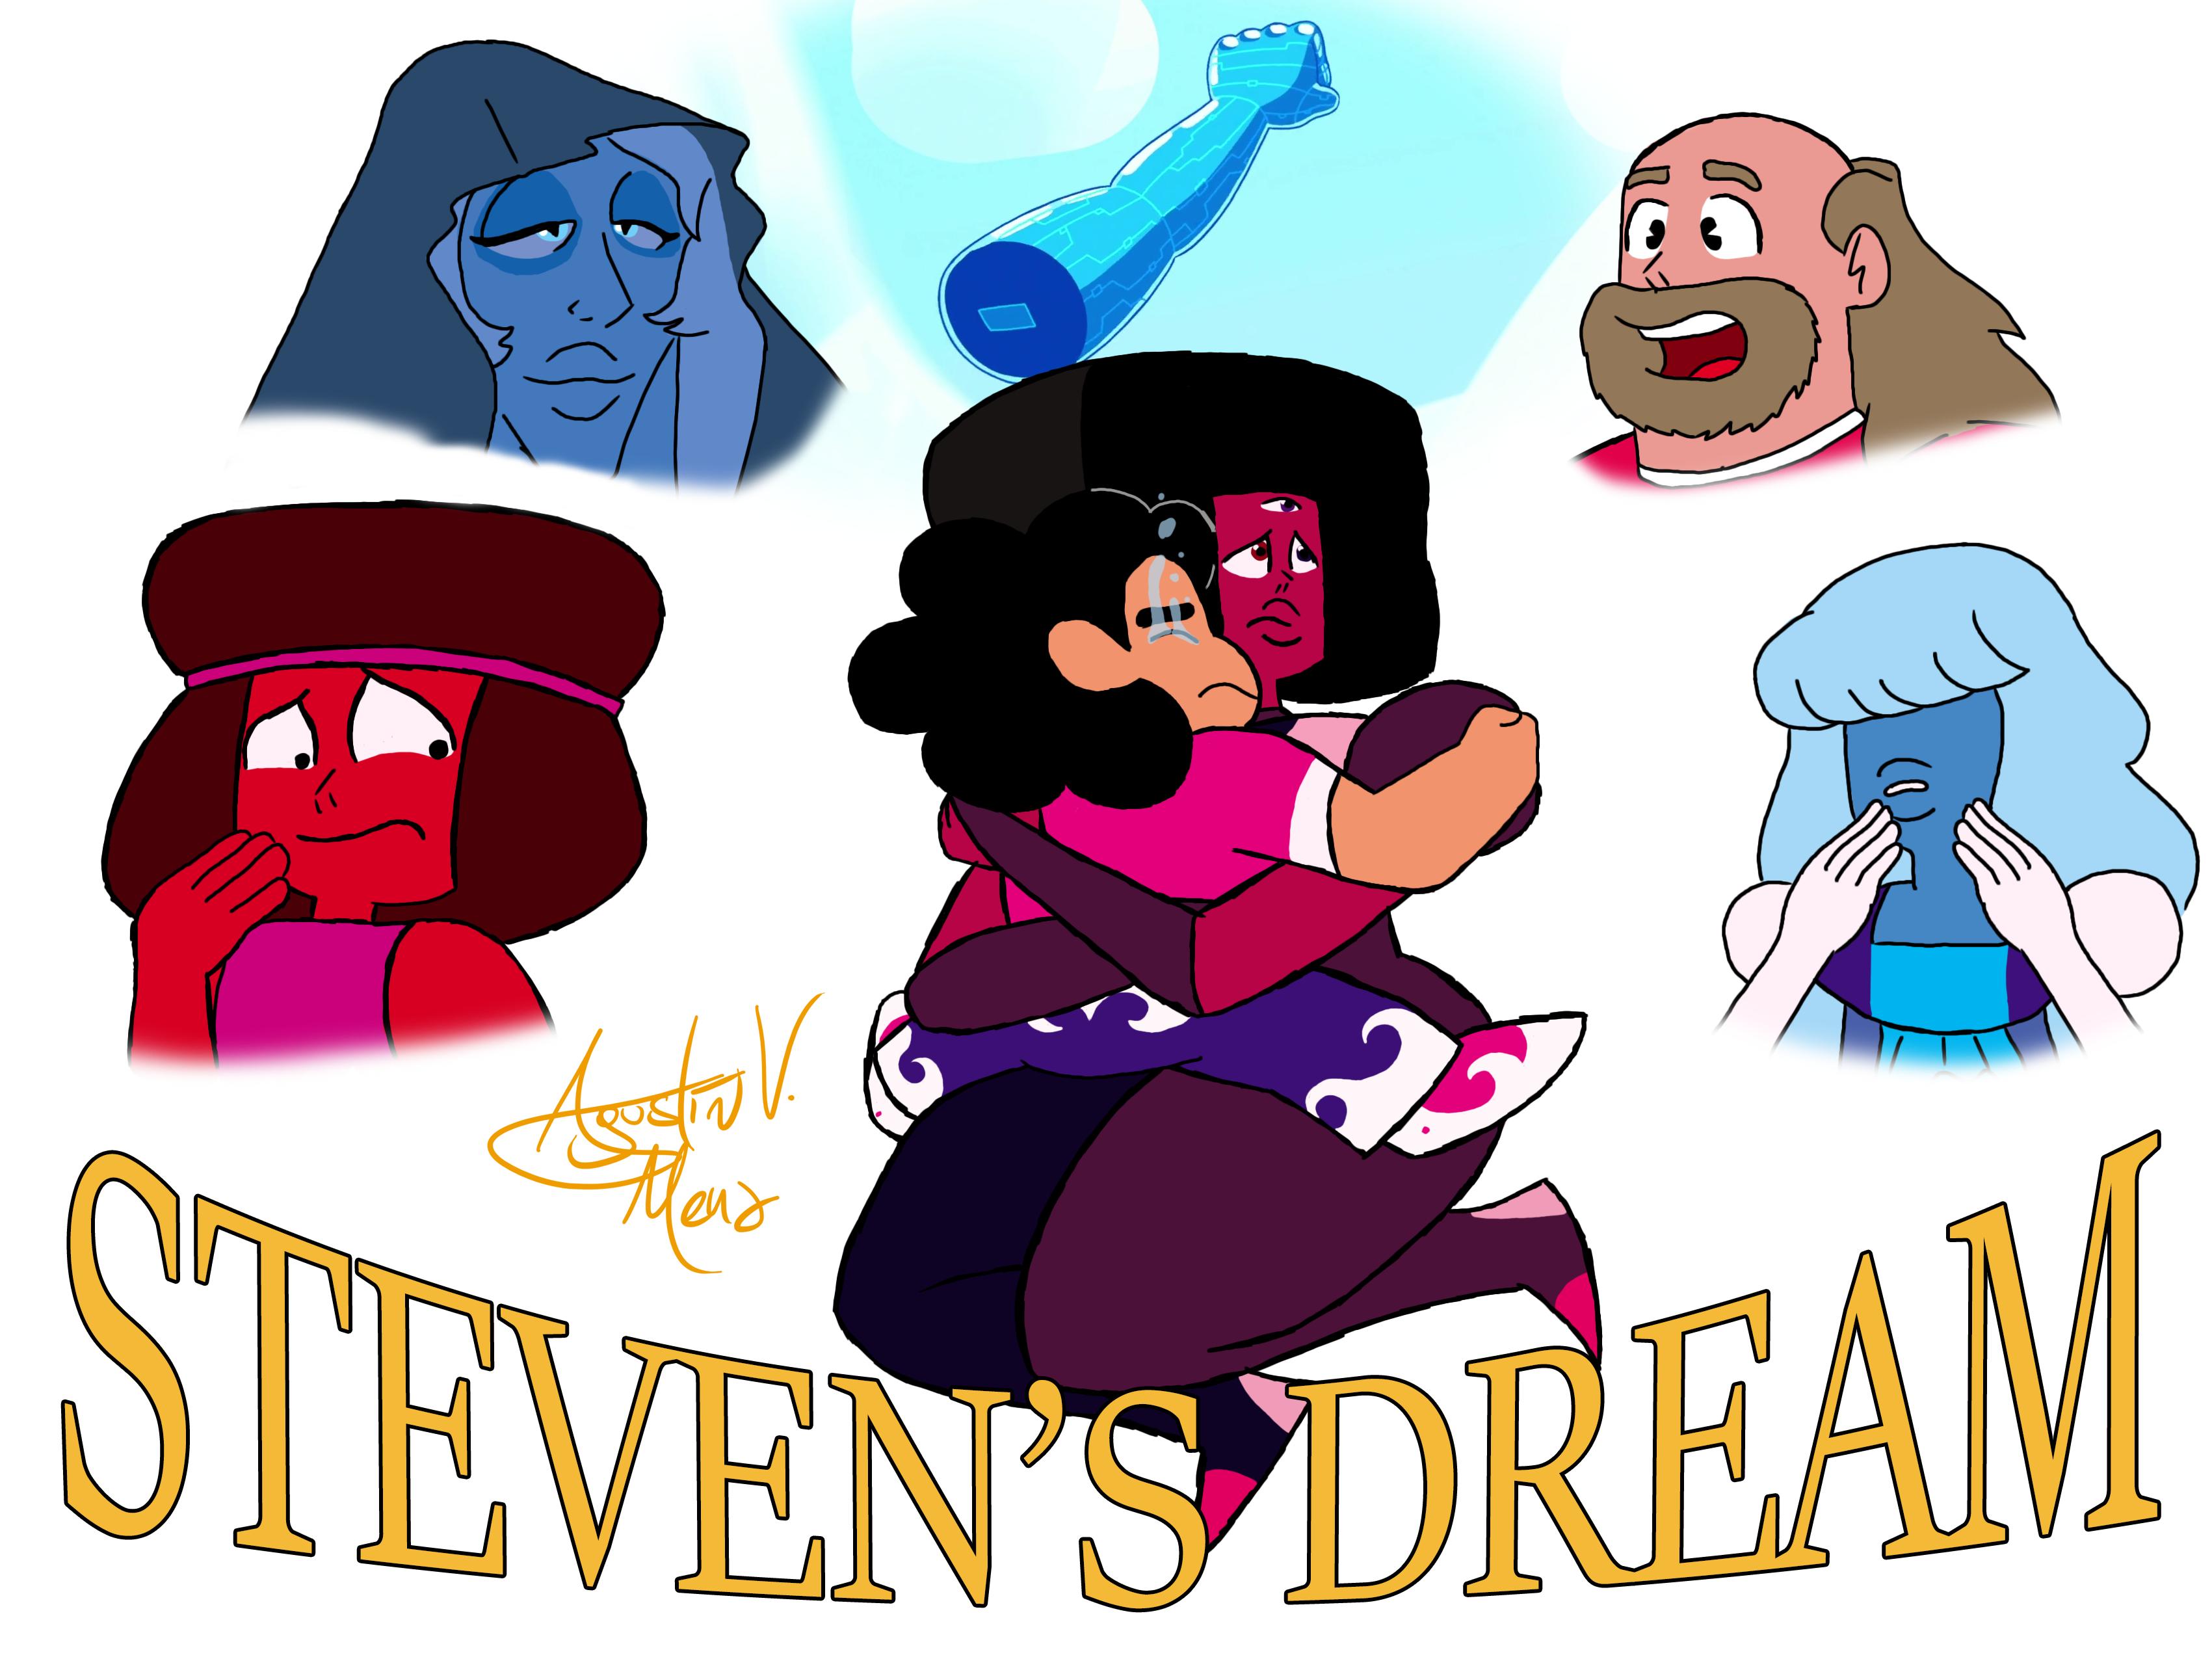 Steven's Dream by AVM-Cartoons